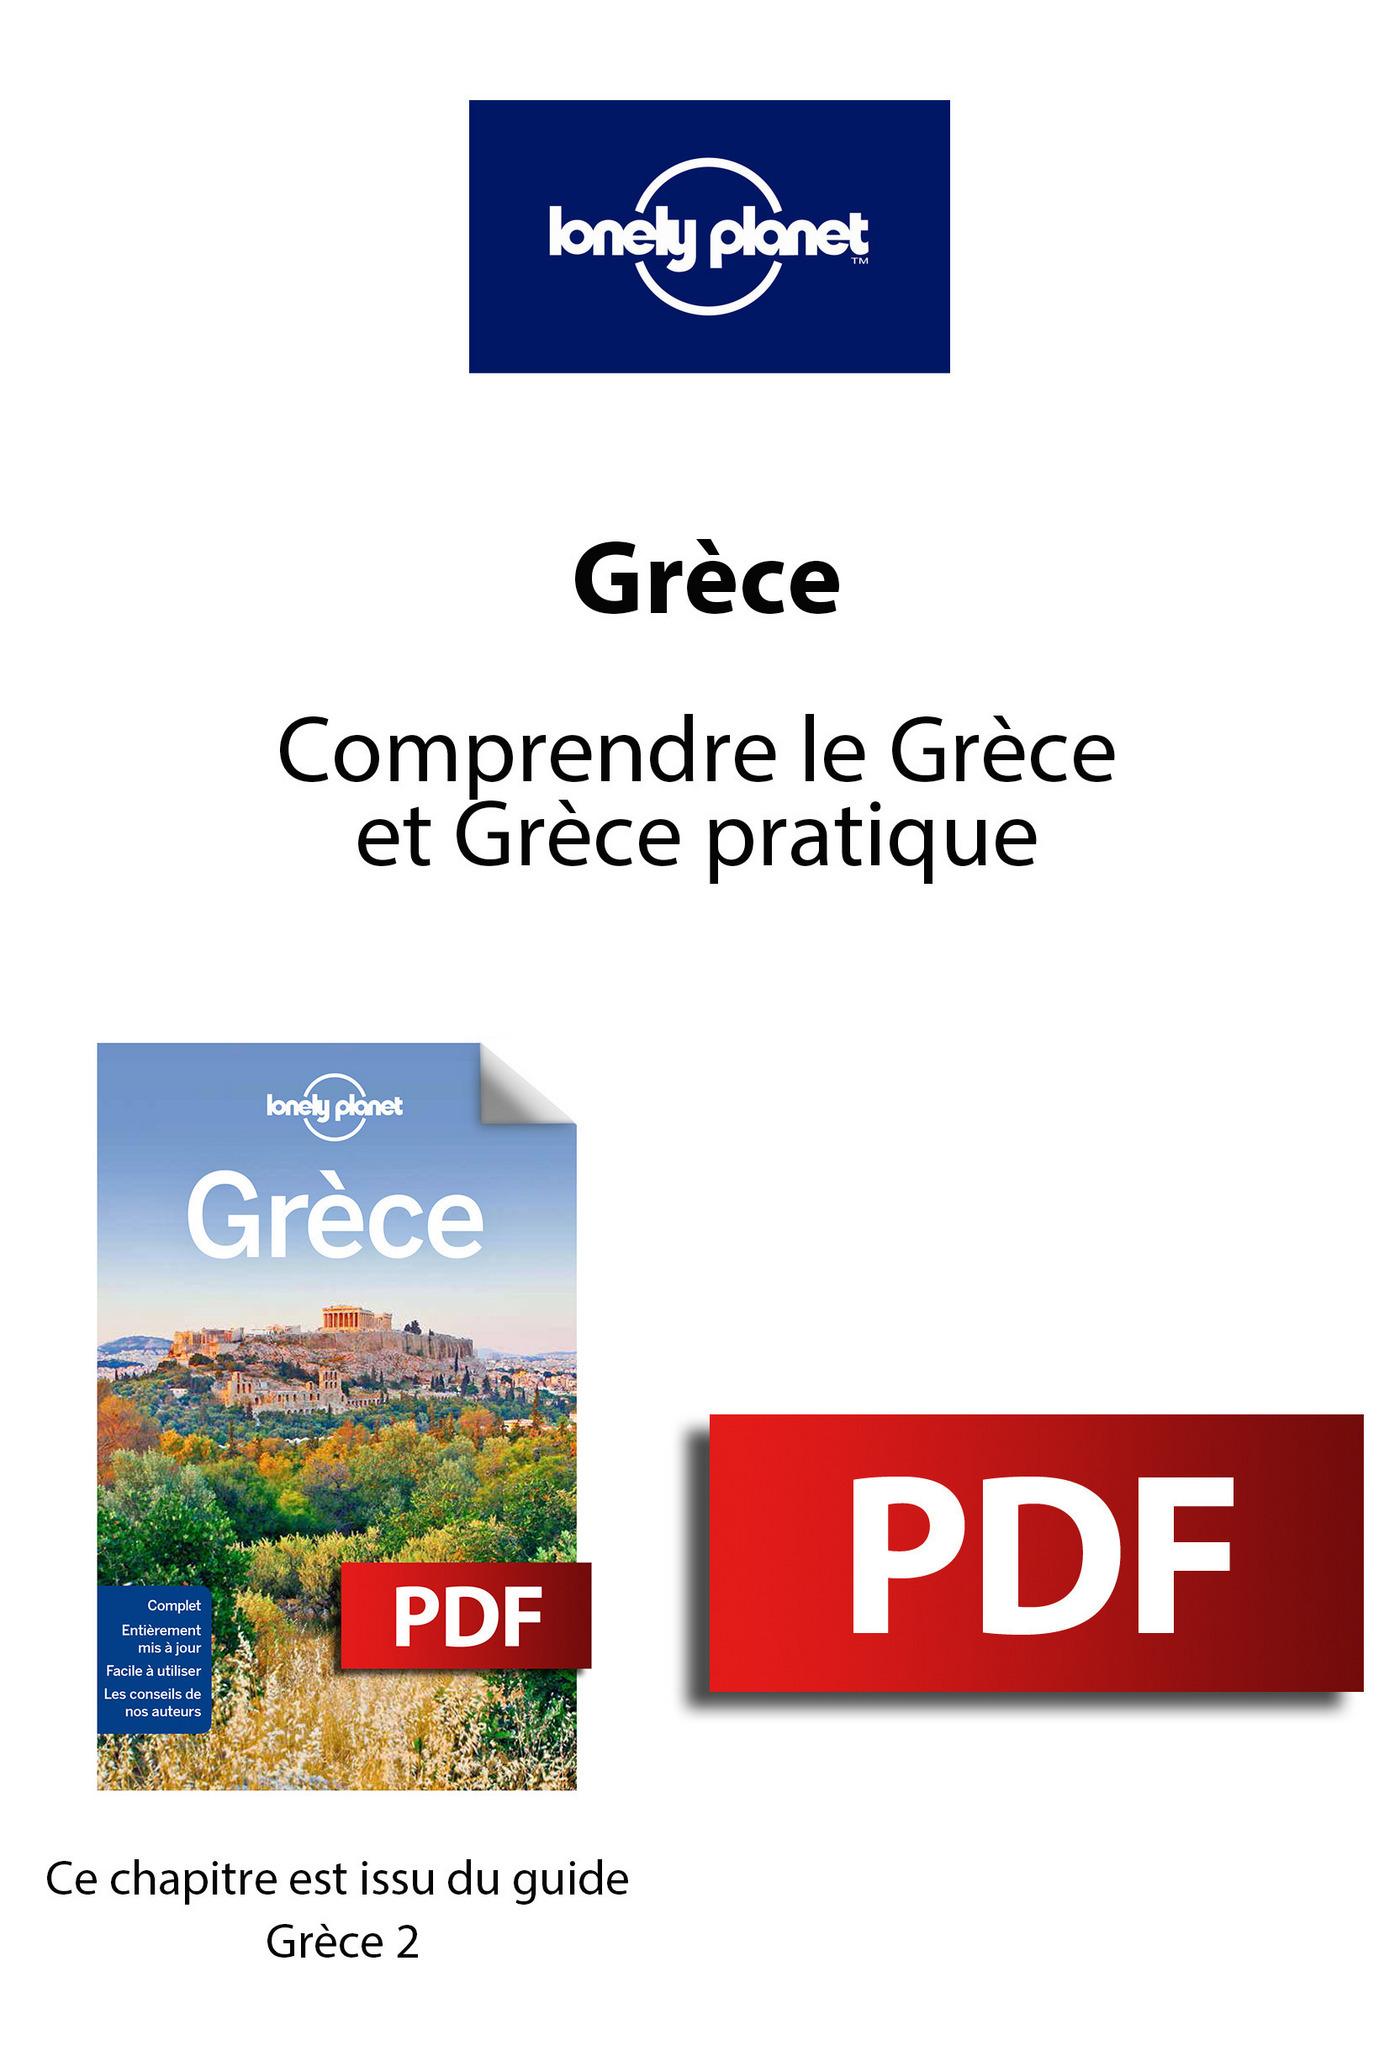 Grèce - Comprendre le Grèce et Grèce pratique